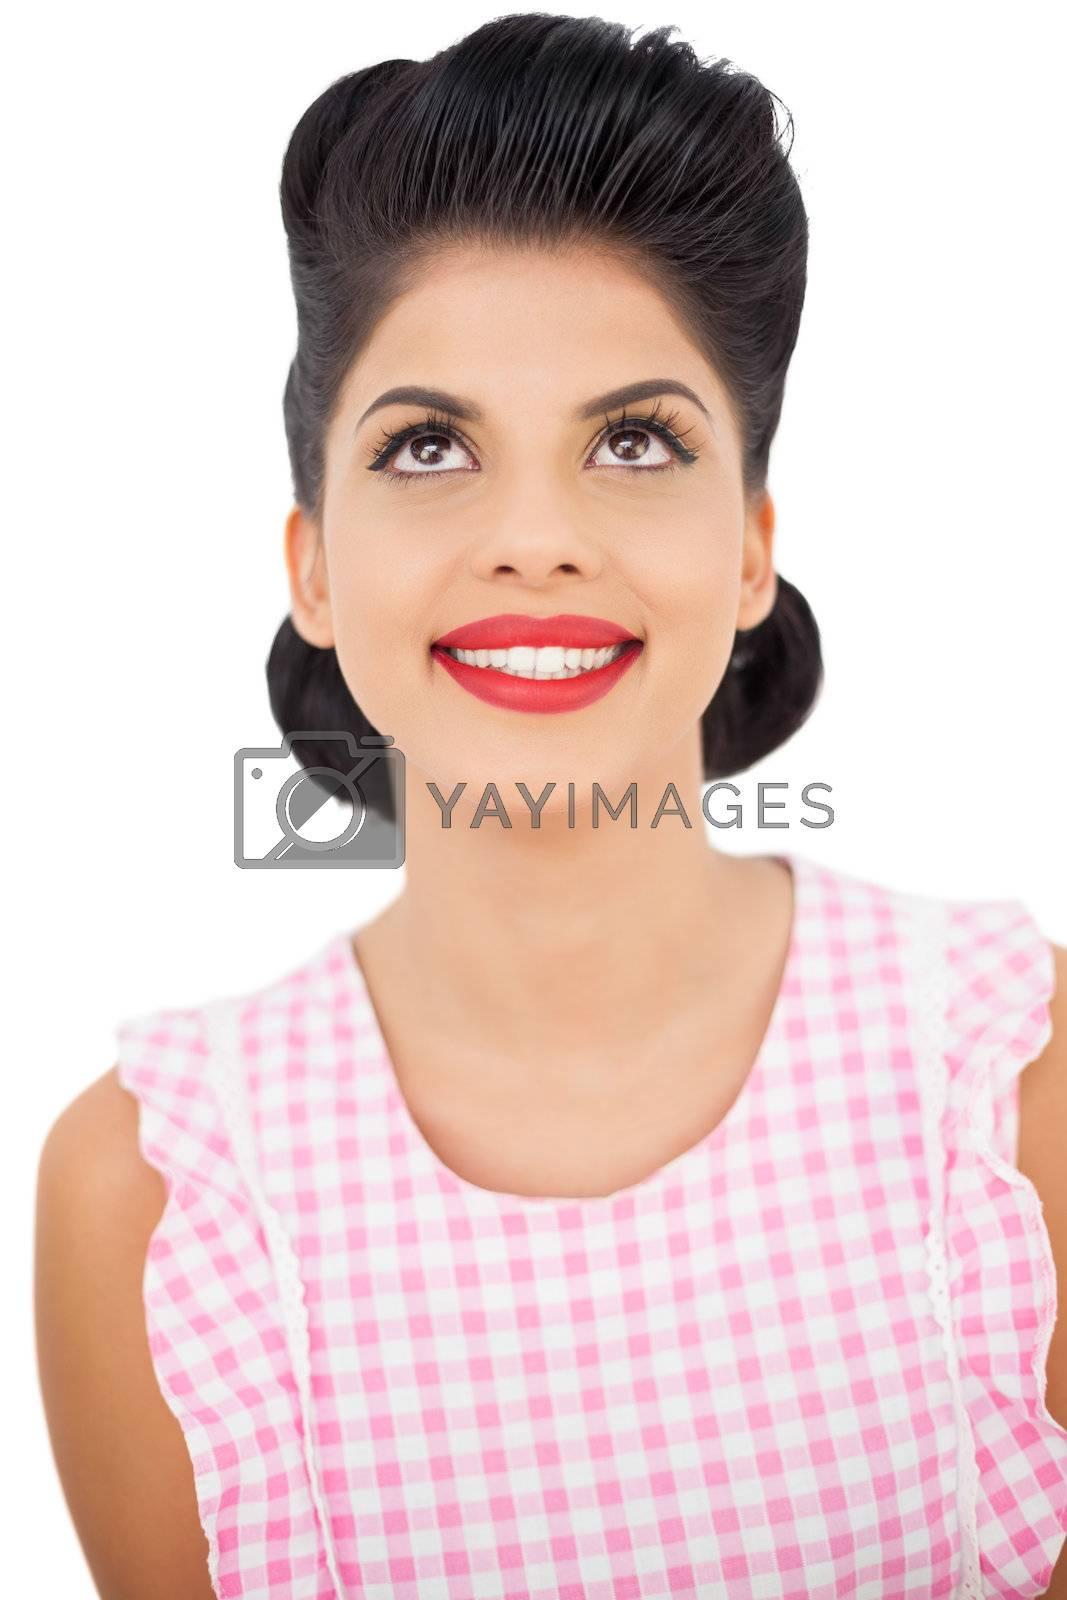 Smiling black hair model looking up by Wavebreakmedia